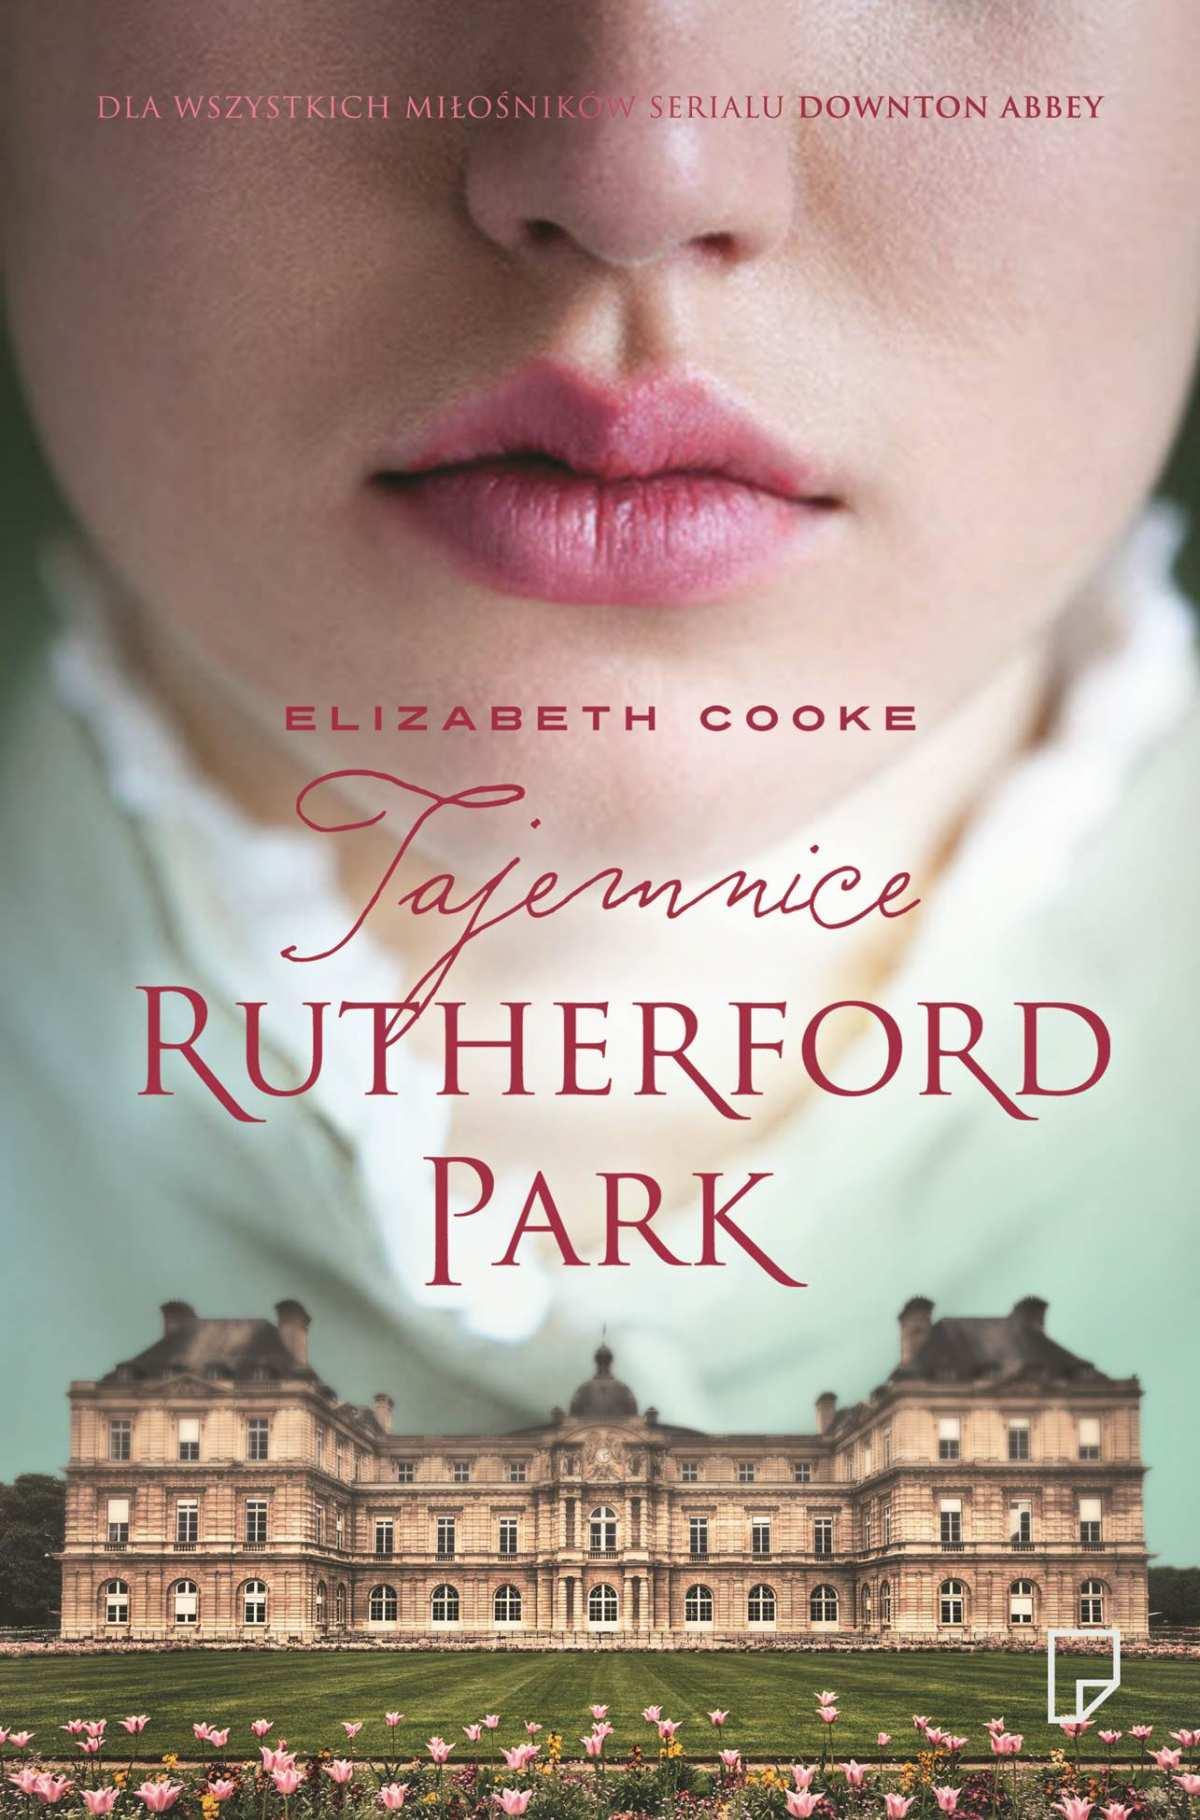 Tajemnice Rutherford Park - Ebook (Książka EPUB) do pobrania w formacie EPUB